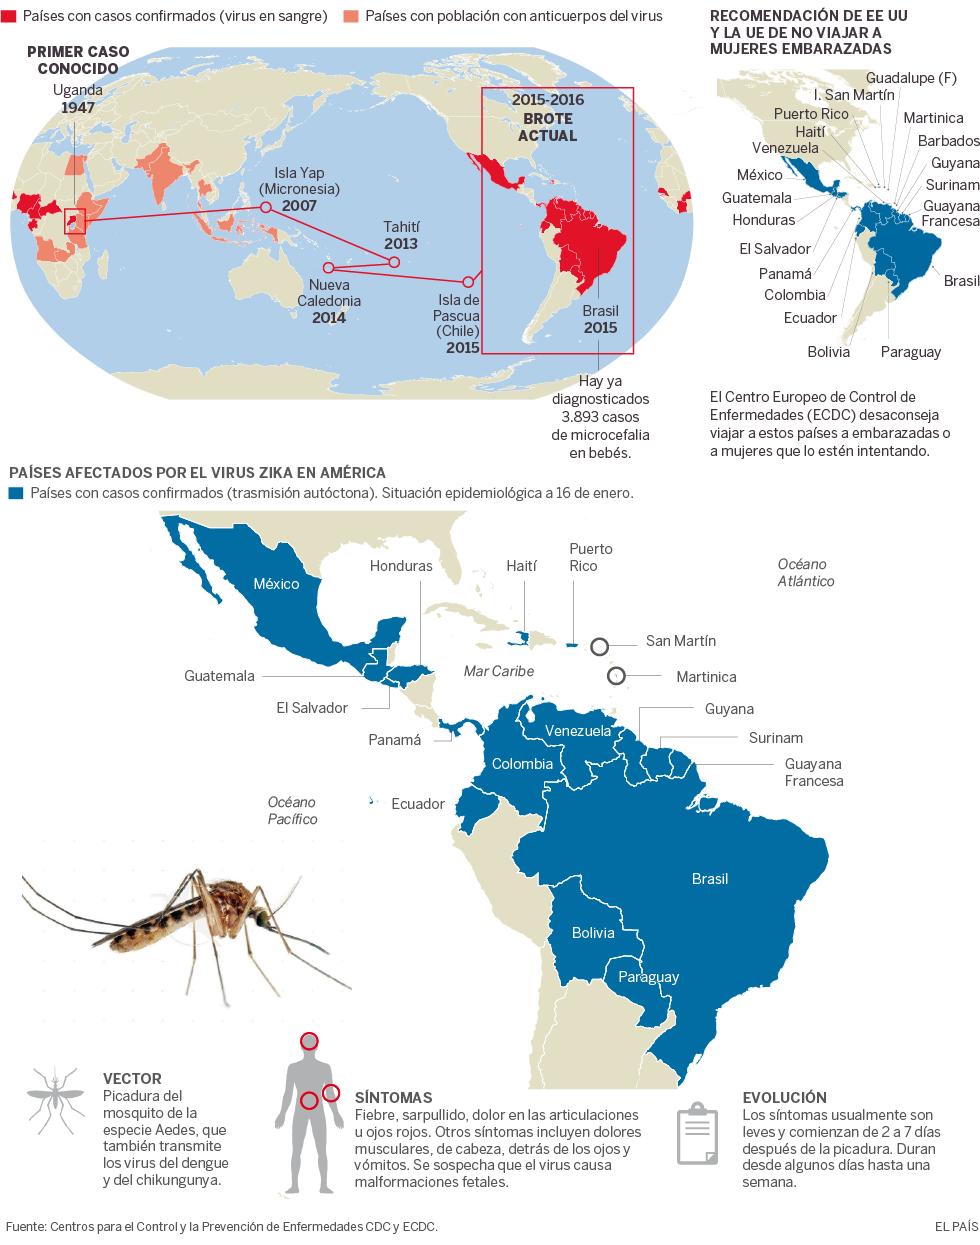 Virus Zika, patentes, plaguicidas, vacunas, microcefalias...  1453230712_478783_1453576097_noticia_normal